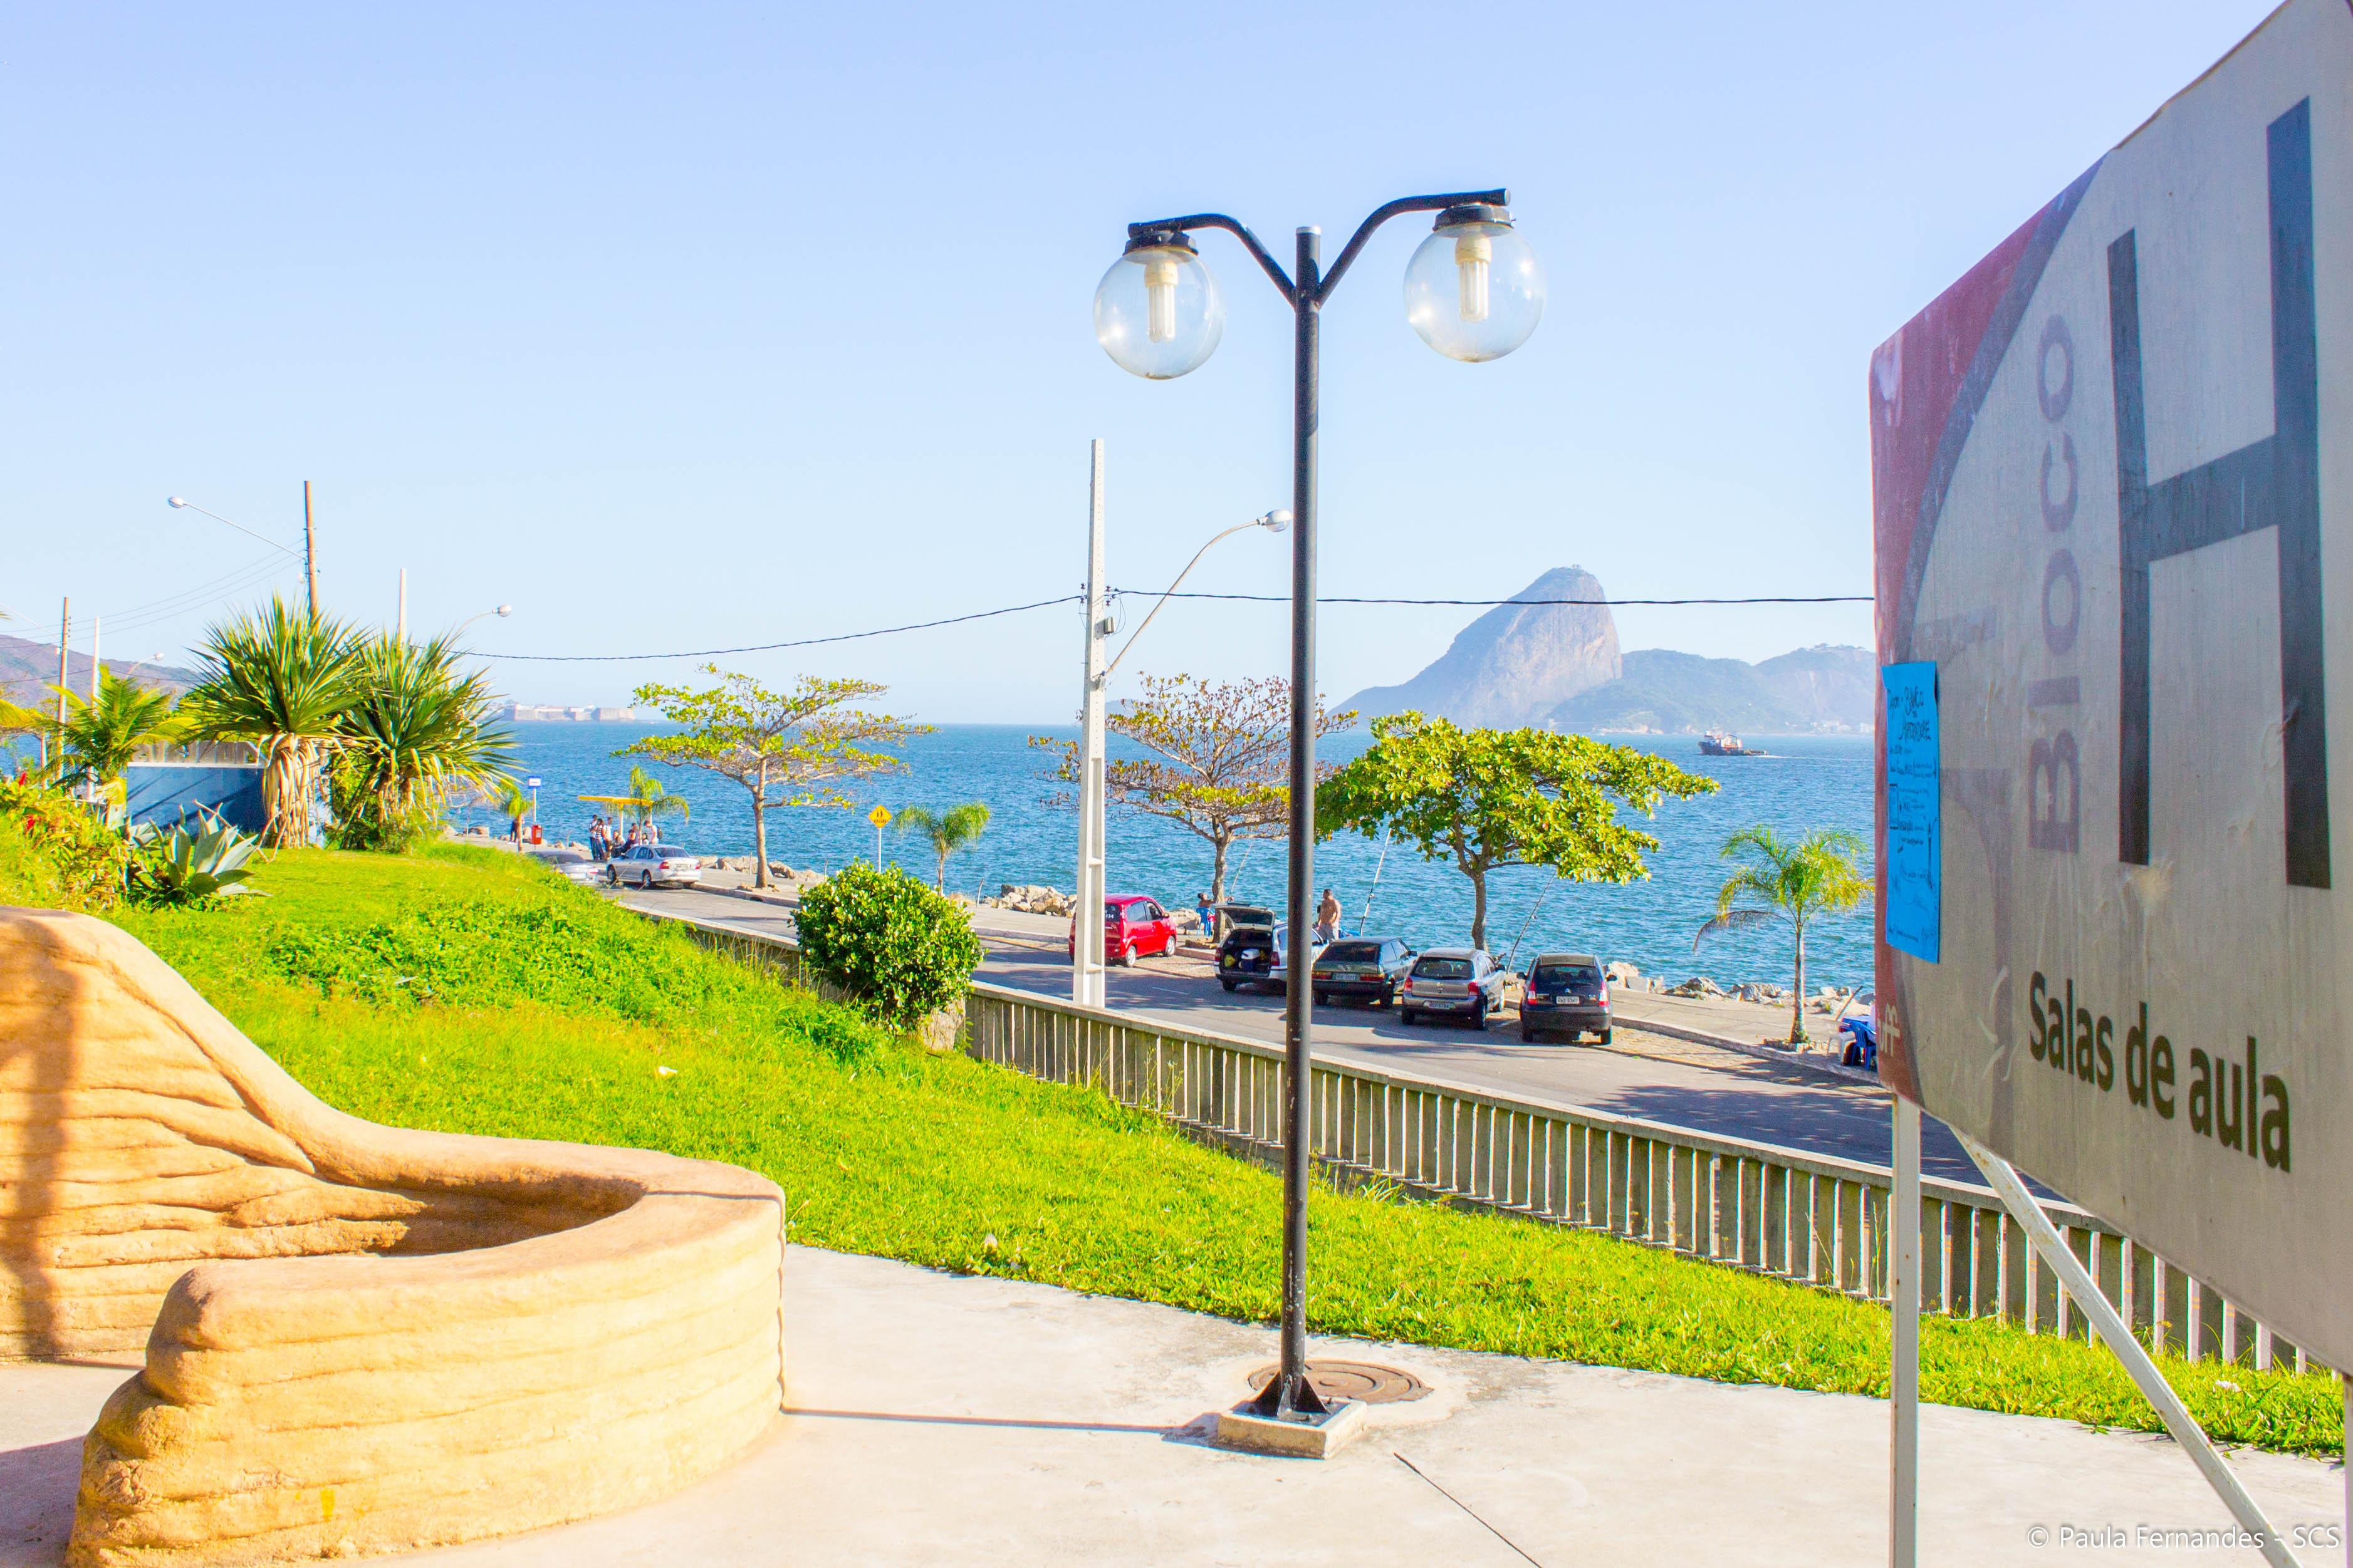 2. Campus da Praia Vermelha